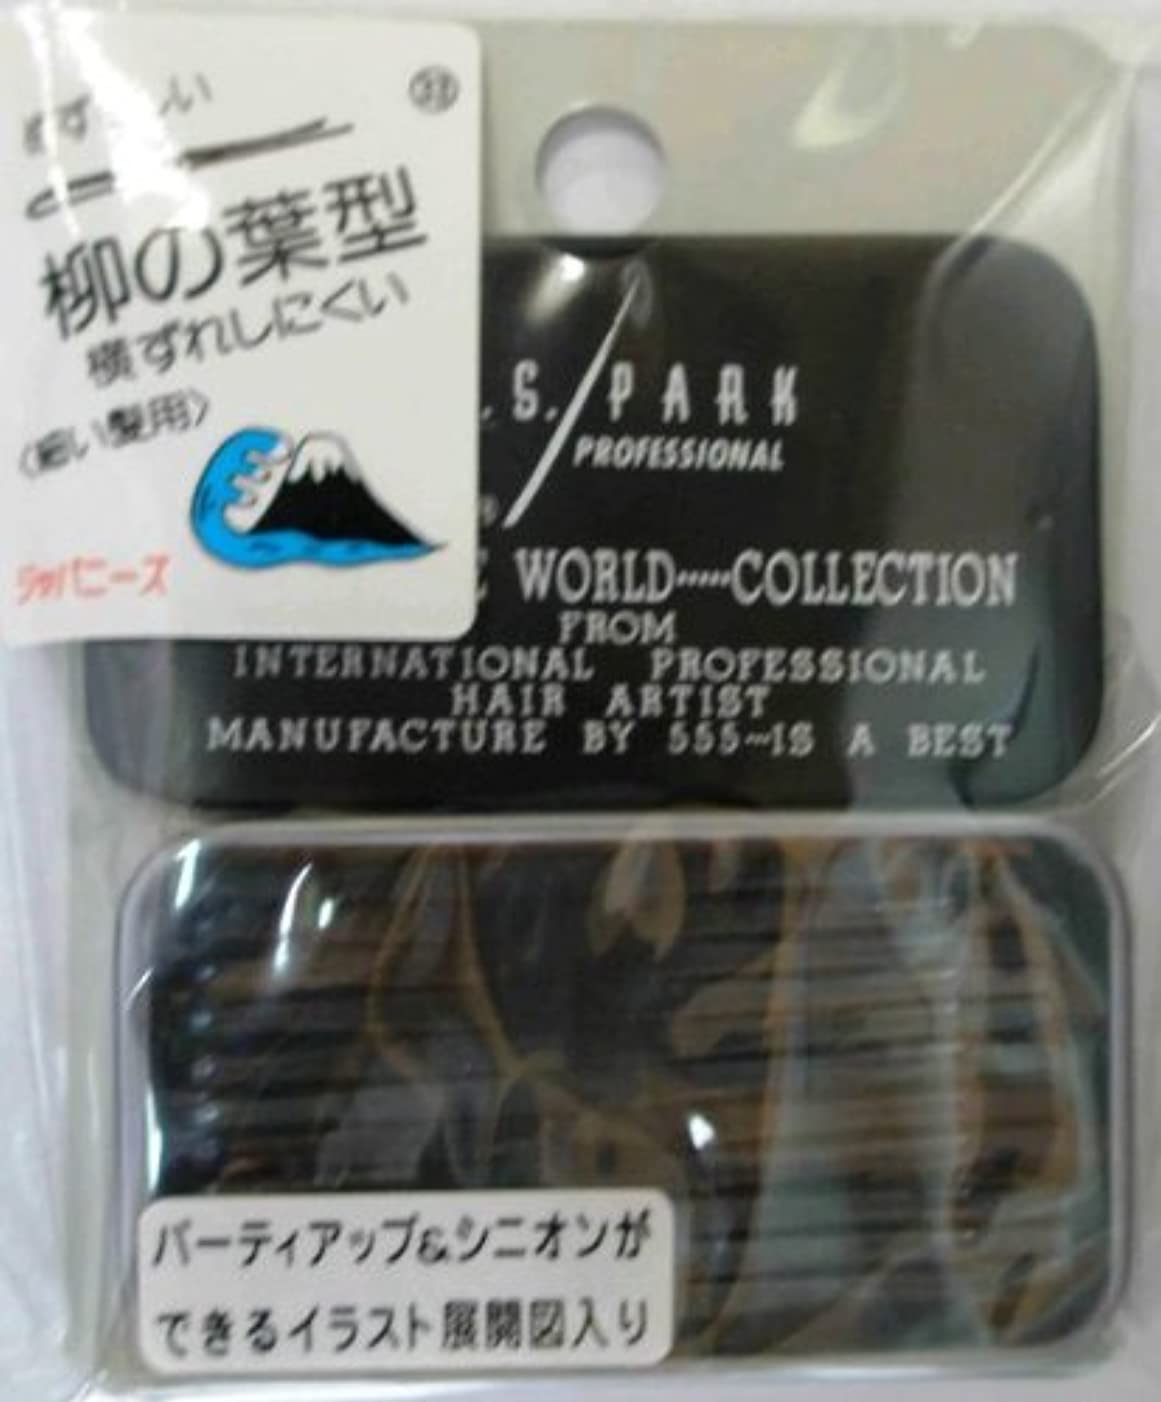 キッチン弱いアフリカ人Y.S.PARK世界のヘアピンコレクションNo.33(細い髪用)ジャパニーズ32P